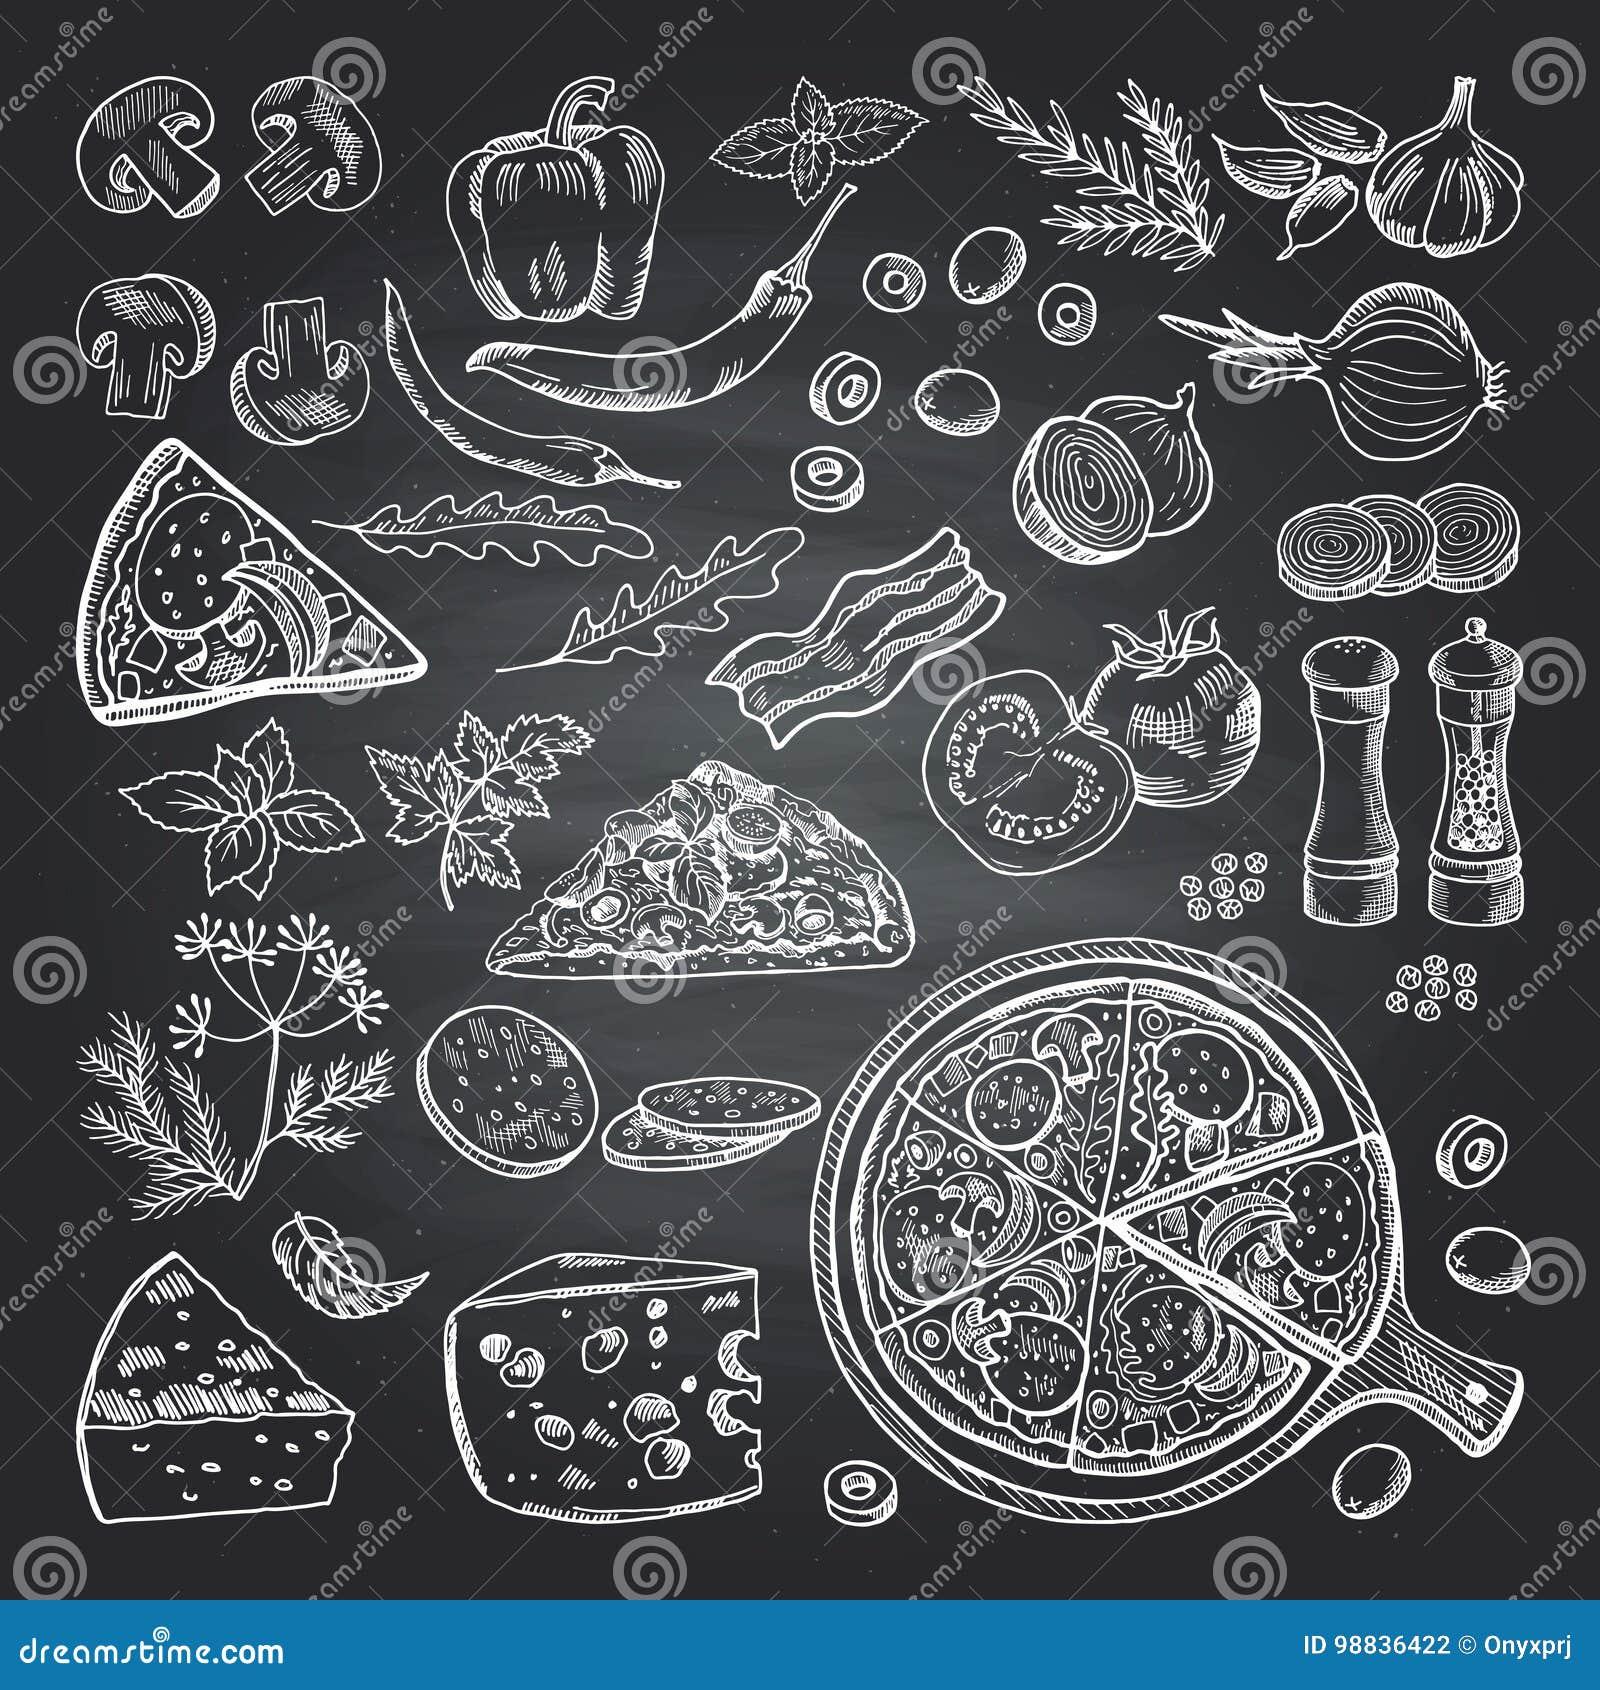 Tafelwand Küche | Illustrationen Von Pizzabestandteilen Auf Schwarzer Tafel Bilder